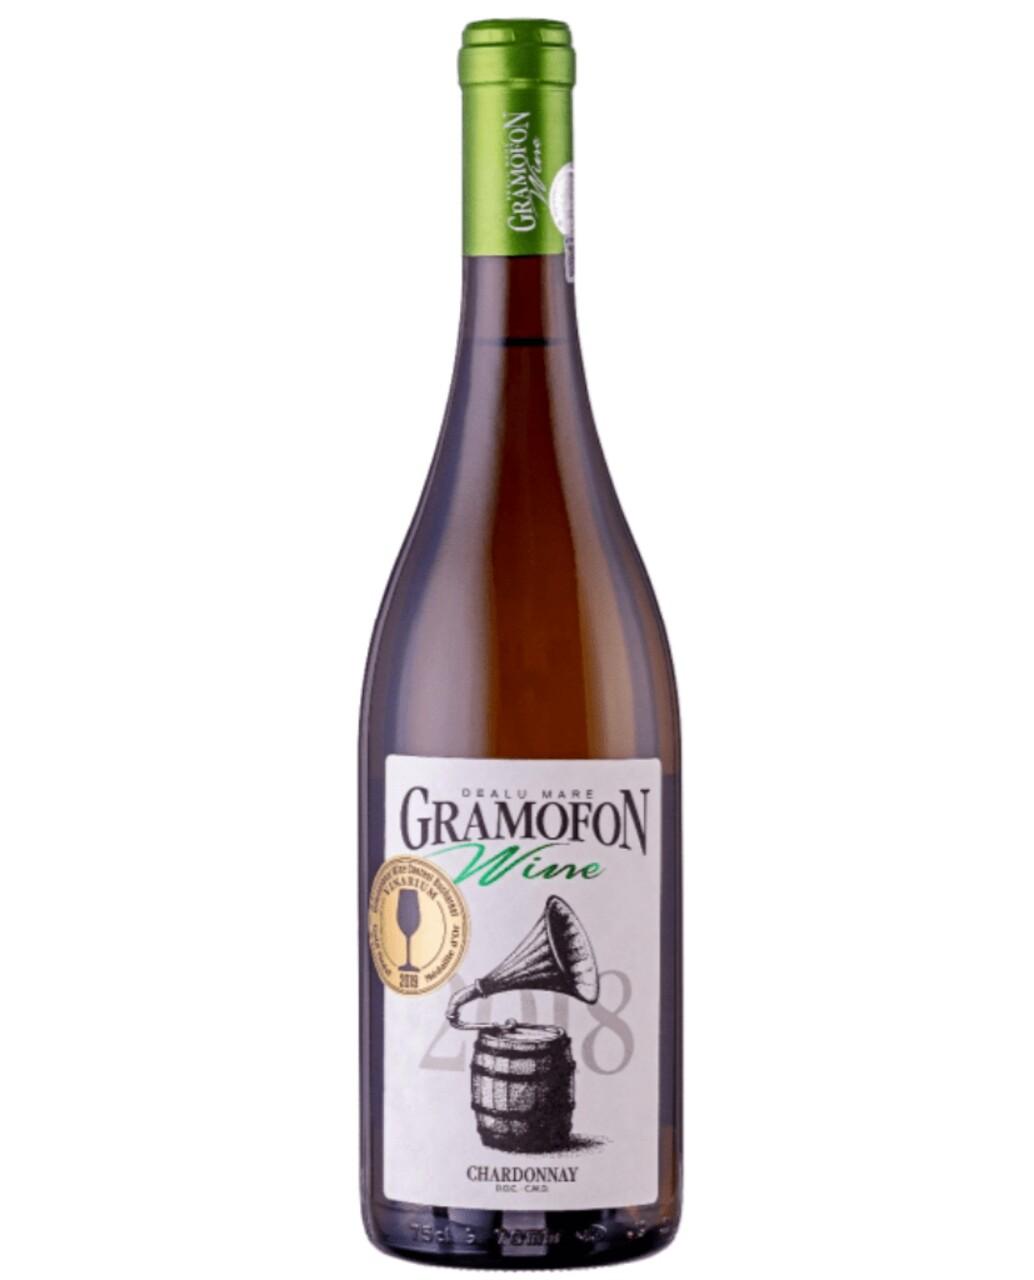 Gramofon Chardonnay